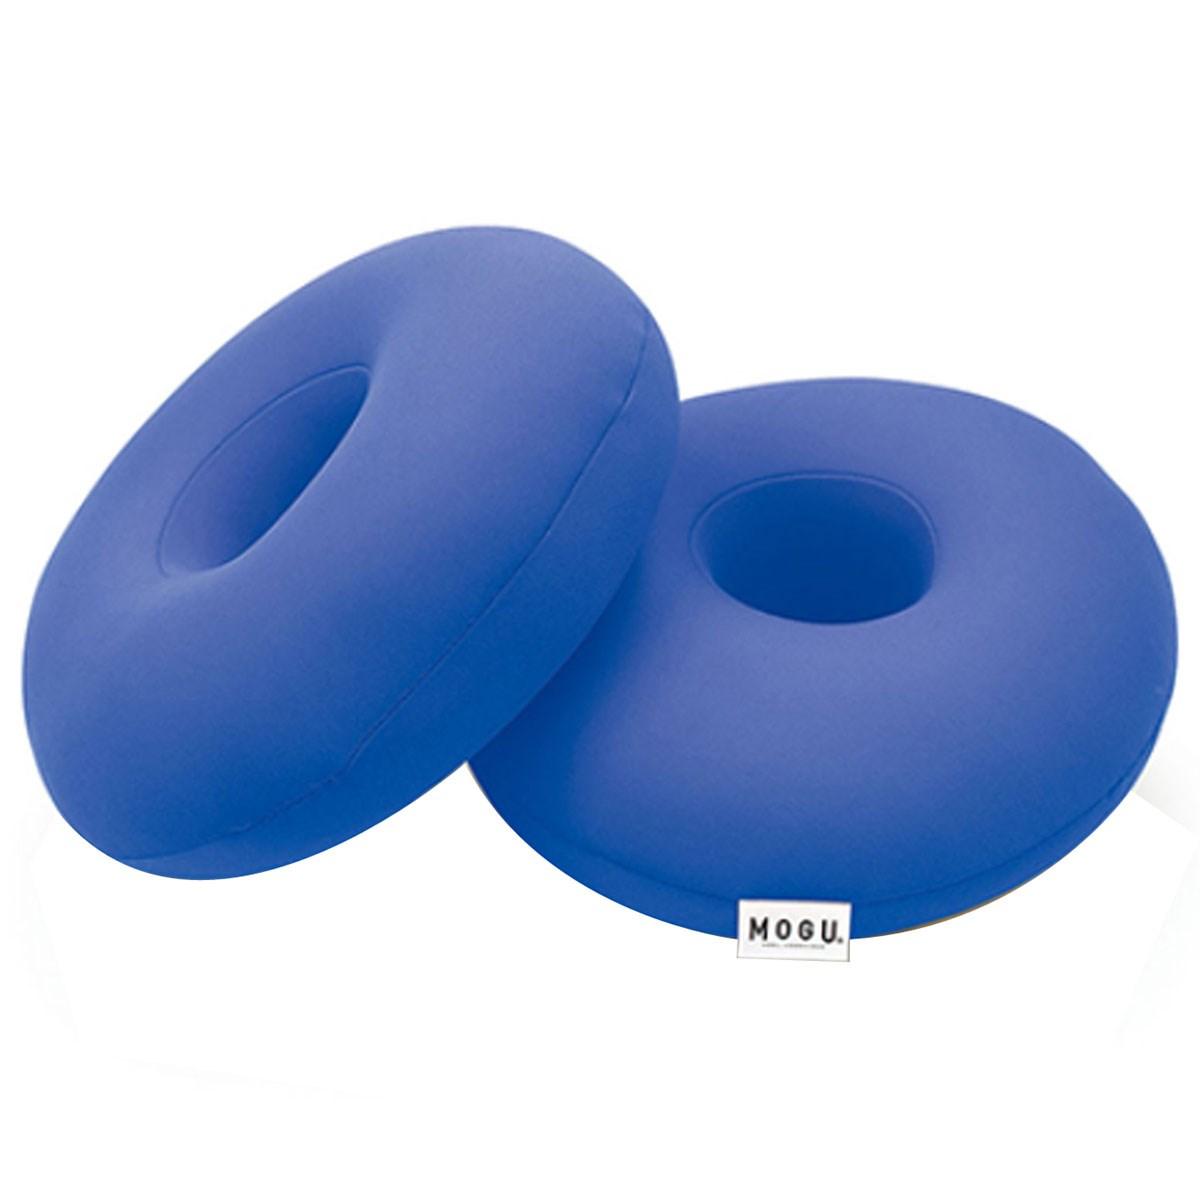 MOGU サークルパッド 2個セット ロイヤルブルー